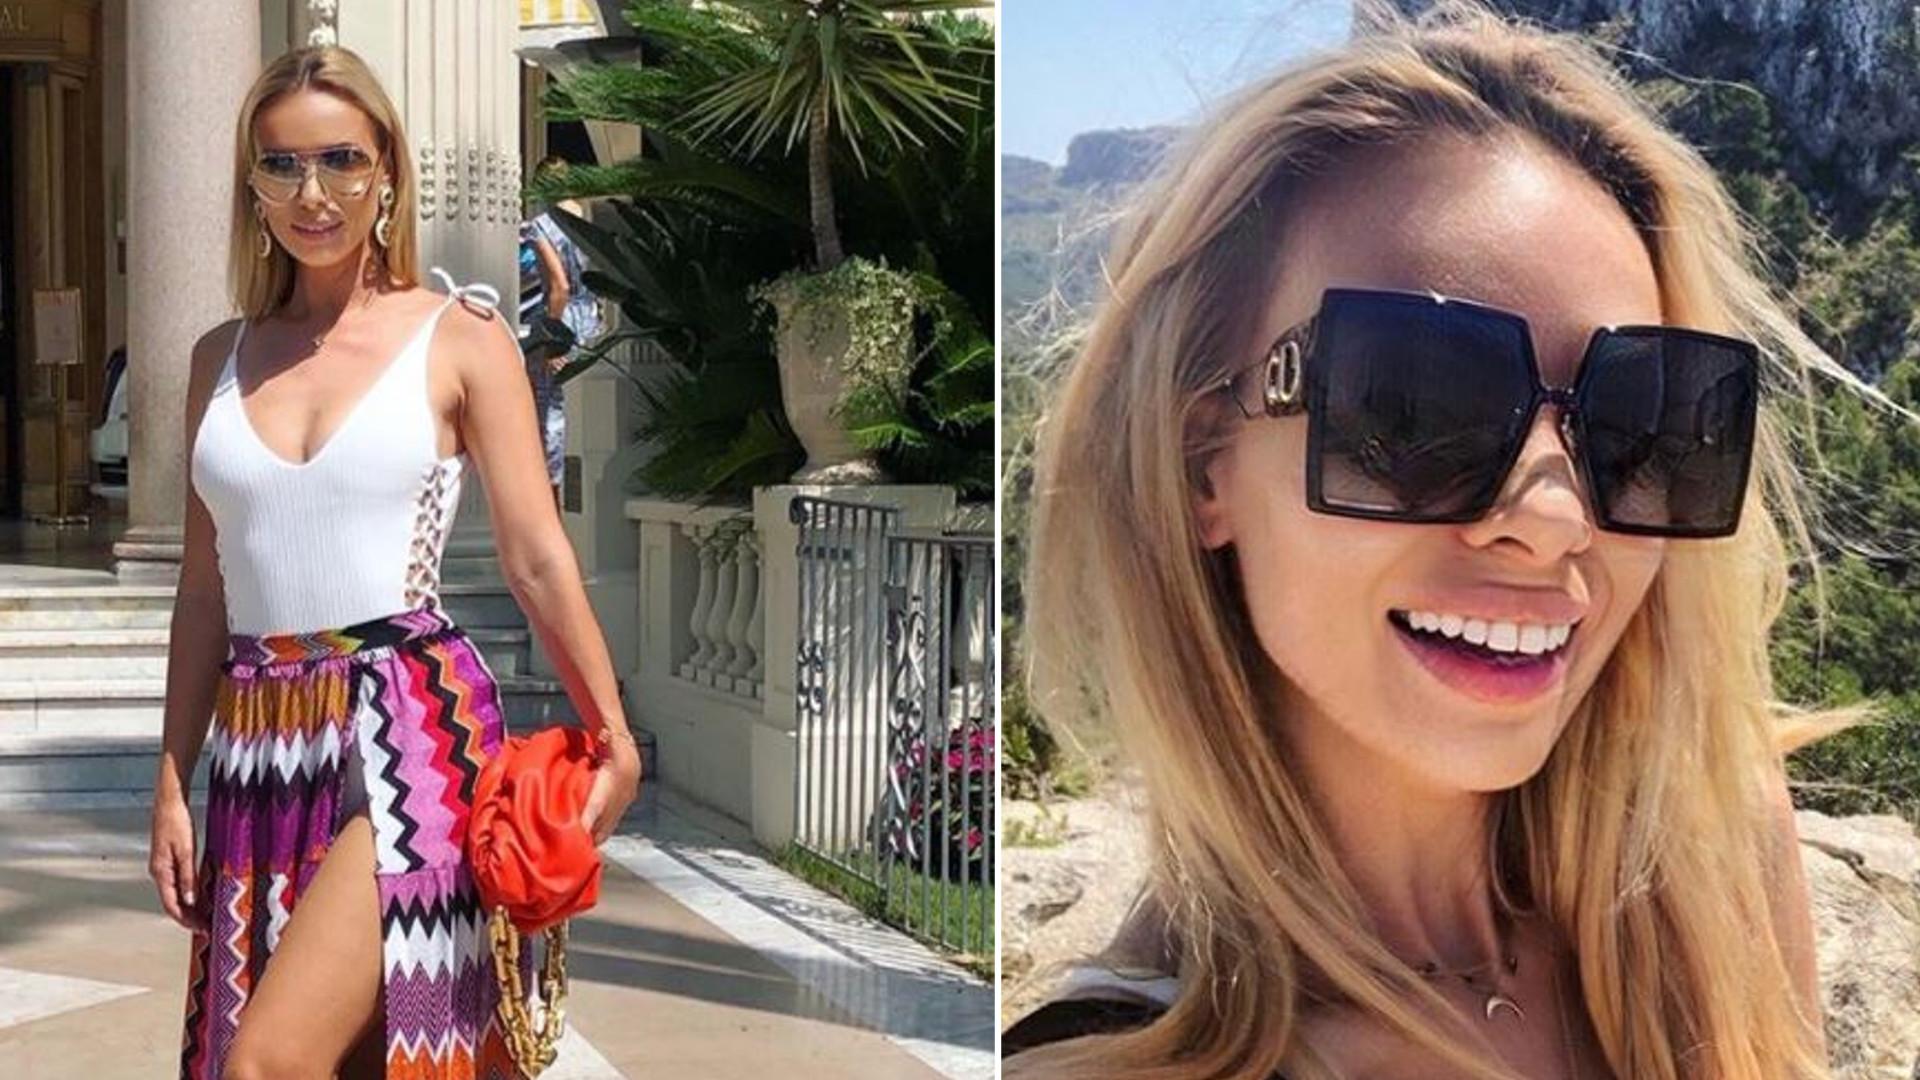 Izabela Janachowska wyjechała do Cannes i pokazała się w stylizacji, jak na czerwony dywan